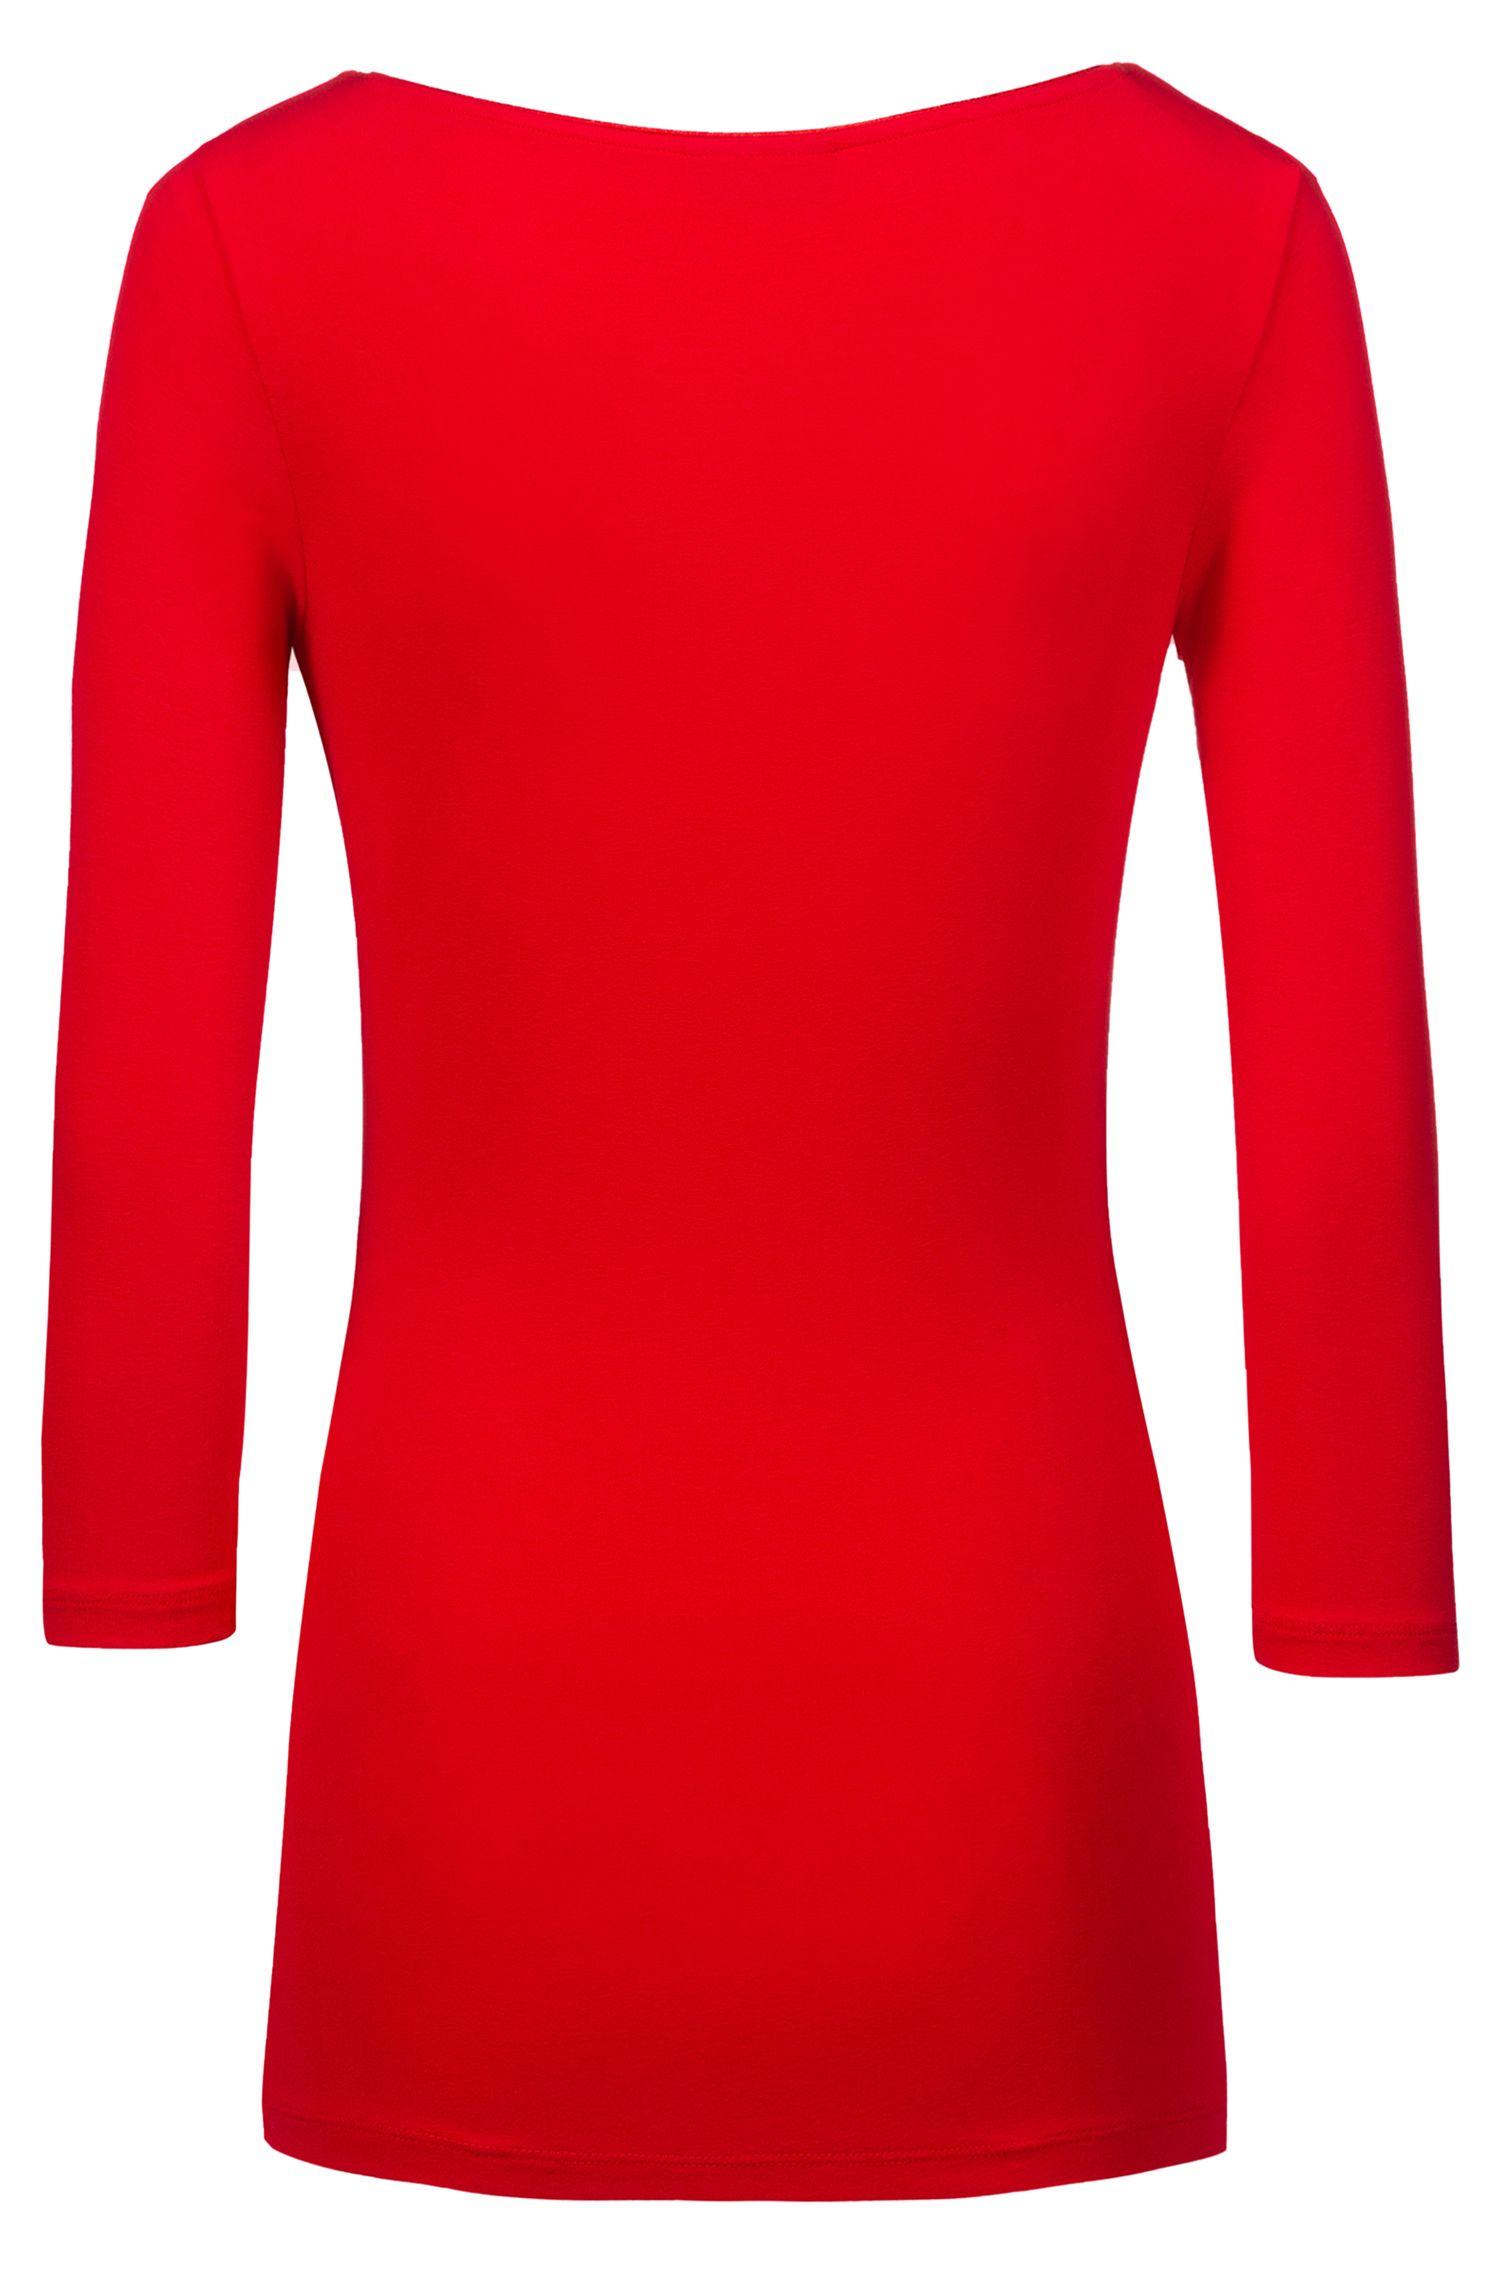 T-shirt Slim Fit en jersey simple, à encolure bateau, Rose clair